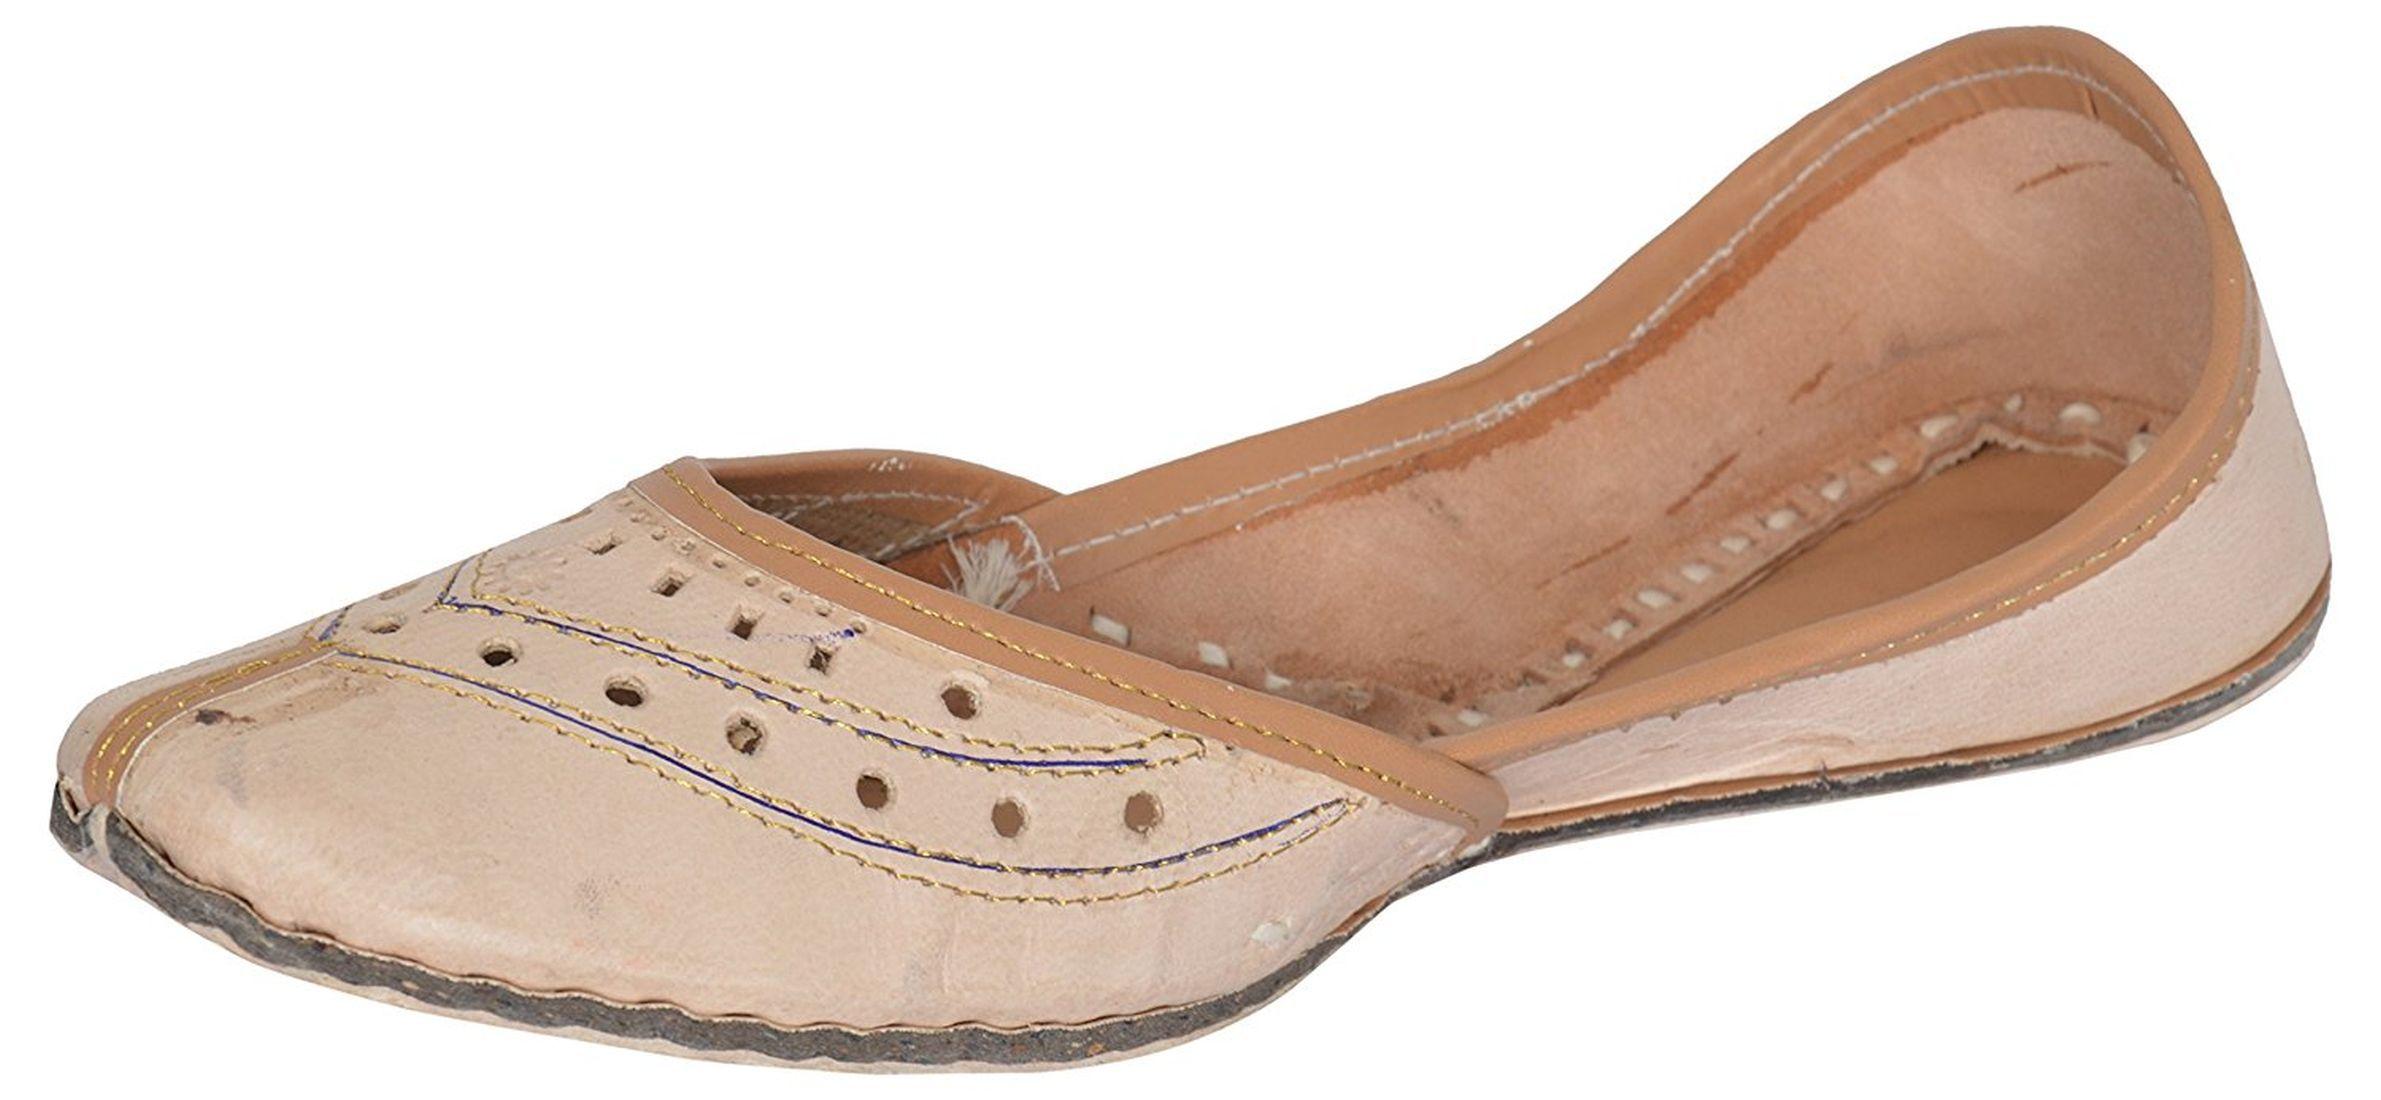 stylewear Tan Ethnic Footwear